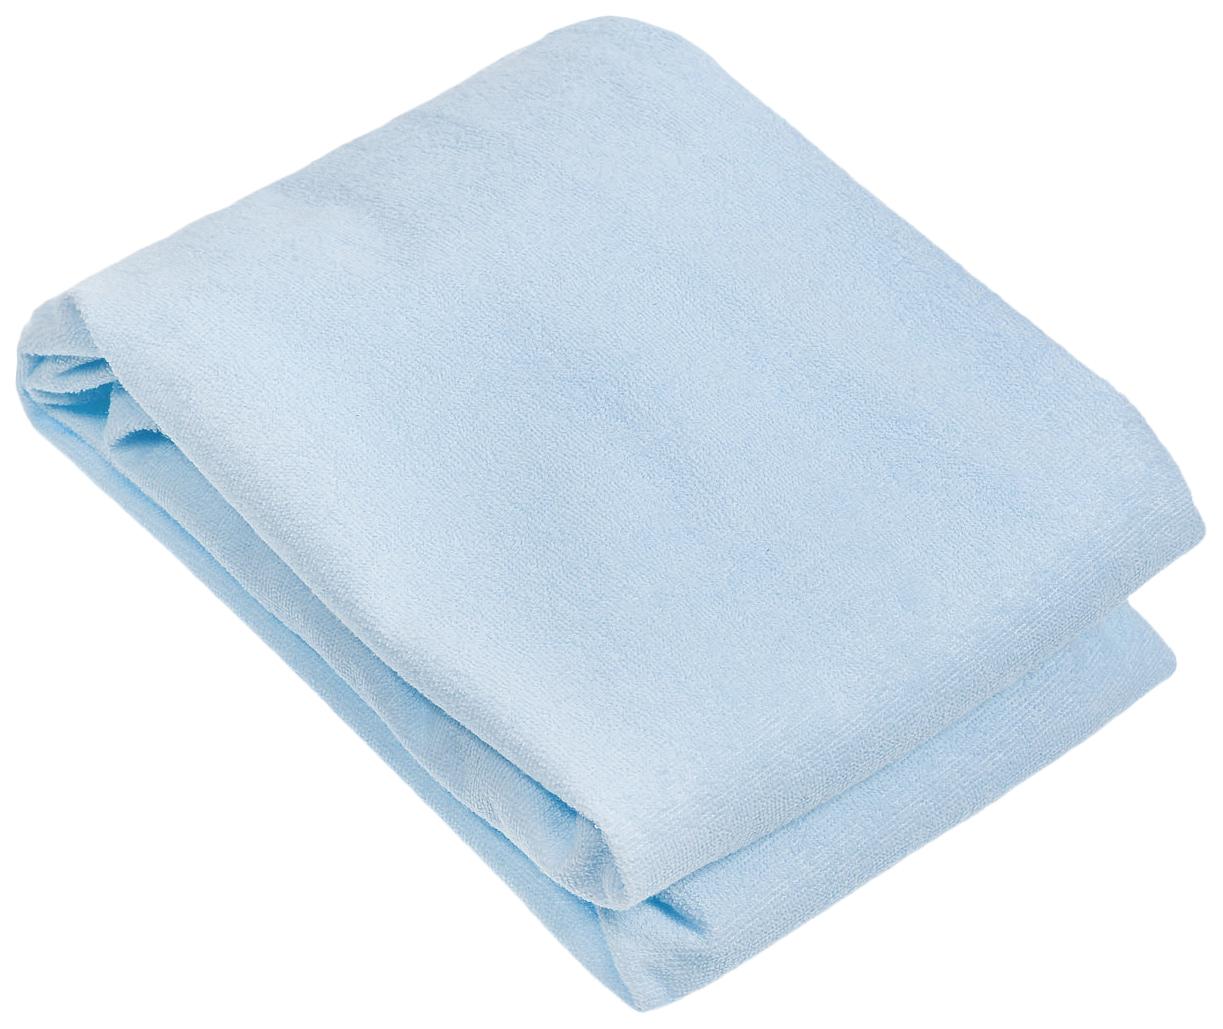 Наматрасник для круглой кроватки Baby Nice, голубой